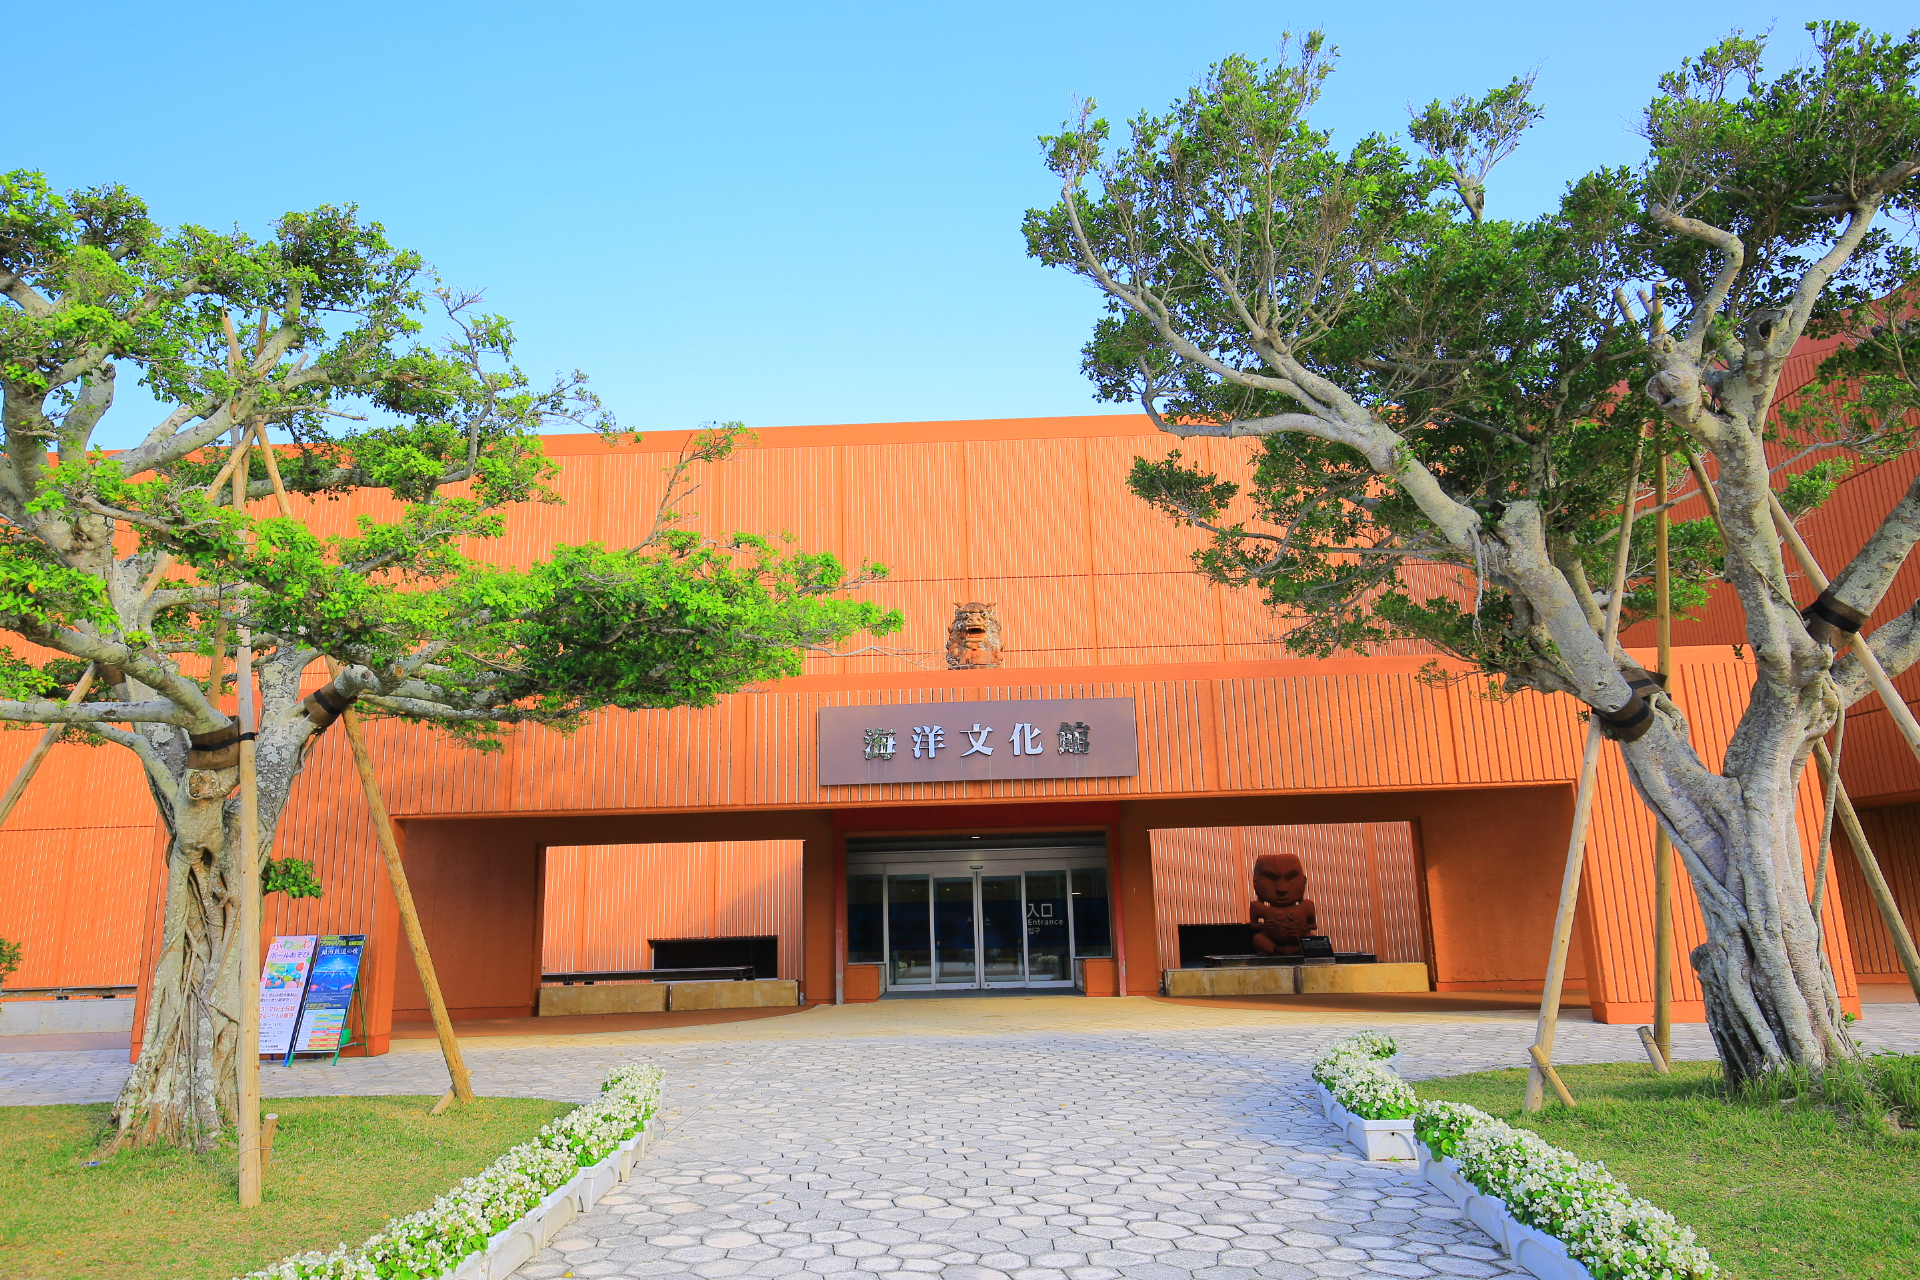 【沖繩景點】海洋博公園一日遊,可不只有水族館,超多好玩設施一日遊攻略 @小環妞 幸福足跡